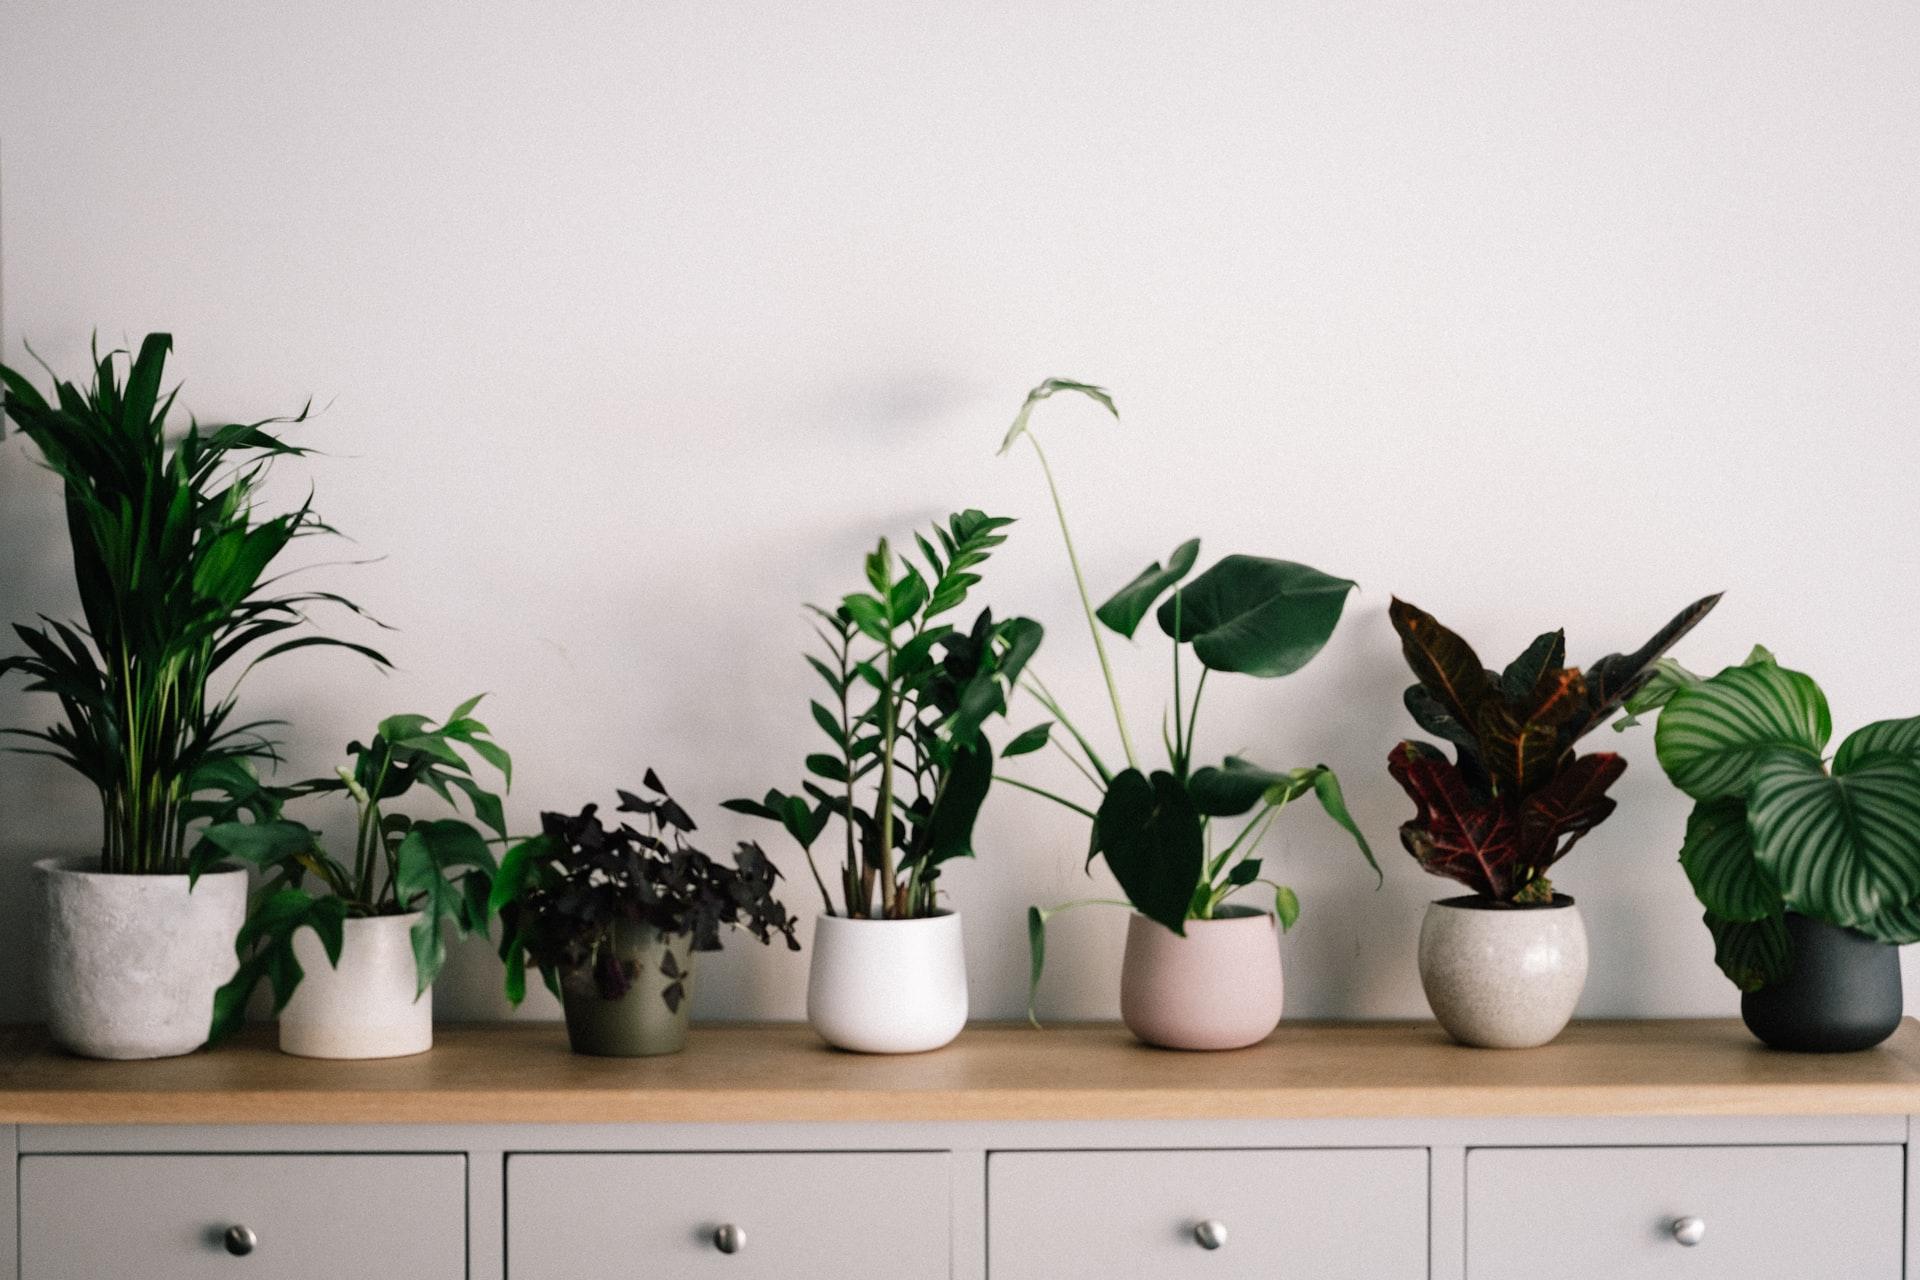 planten water geven tijdens de vakantie